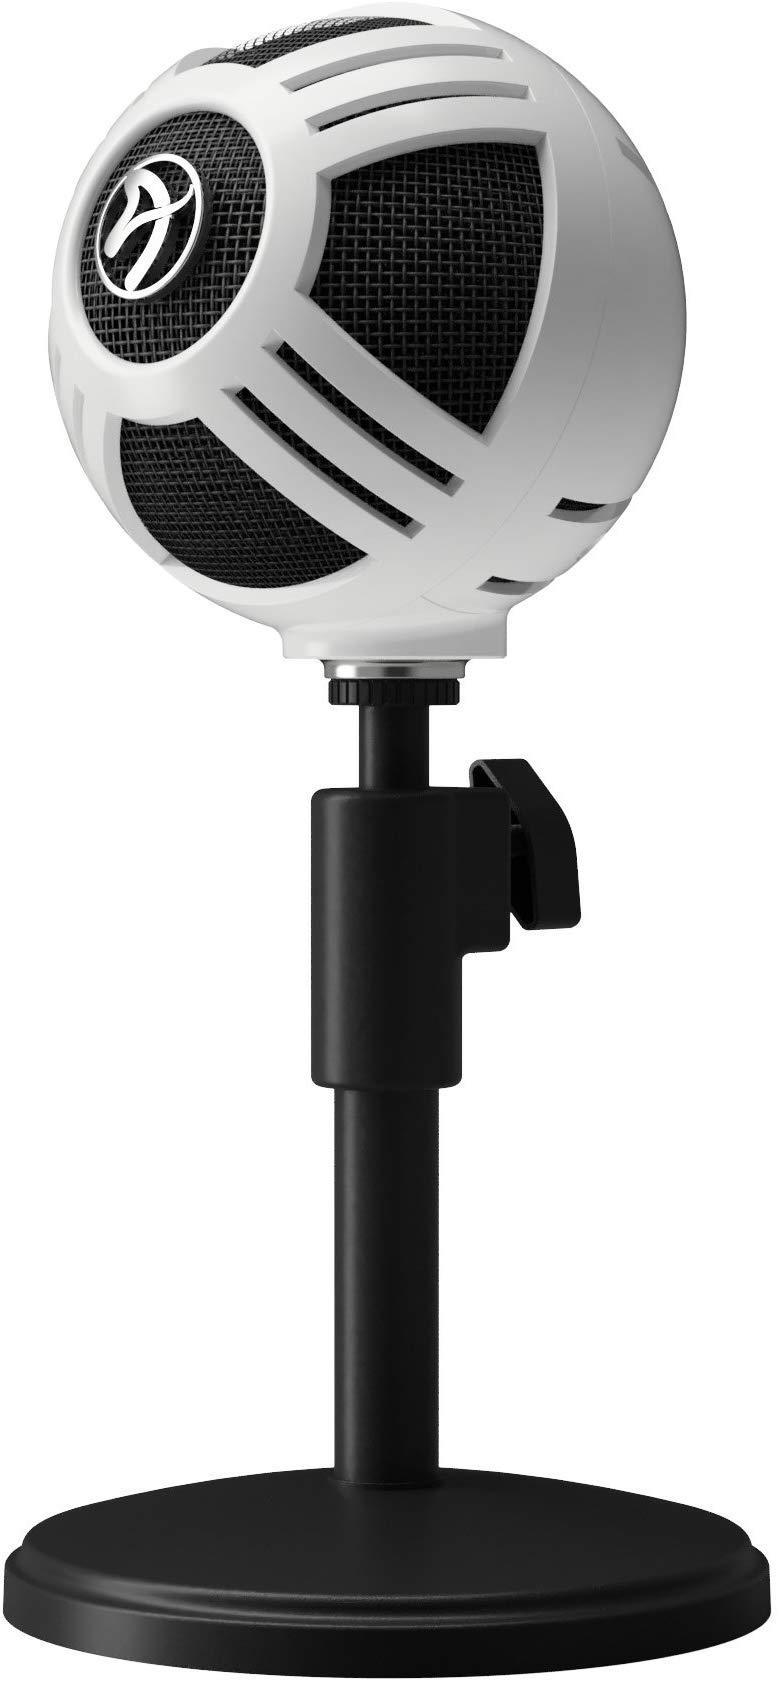 Настолен микрофон Arozzi Sfera White